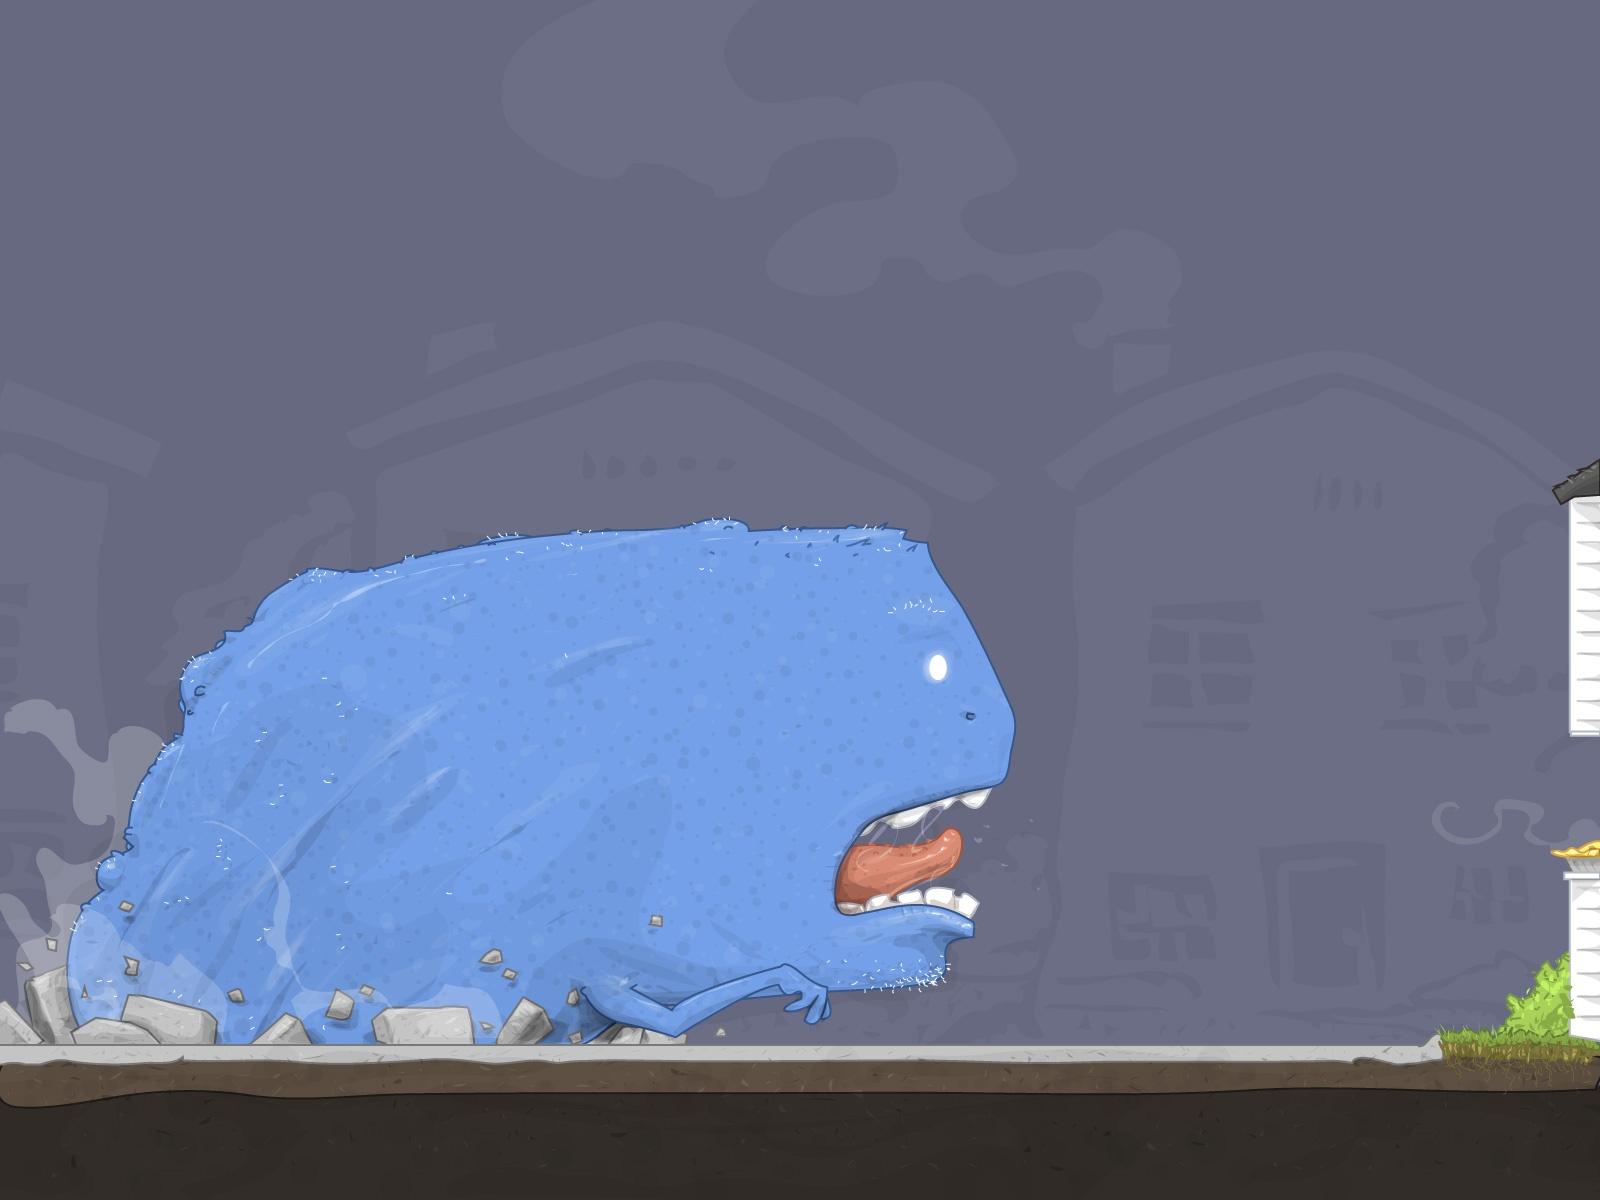 Monster Originals Download Wallpapers For Desktop Backgrounds 1600x1200